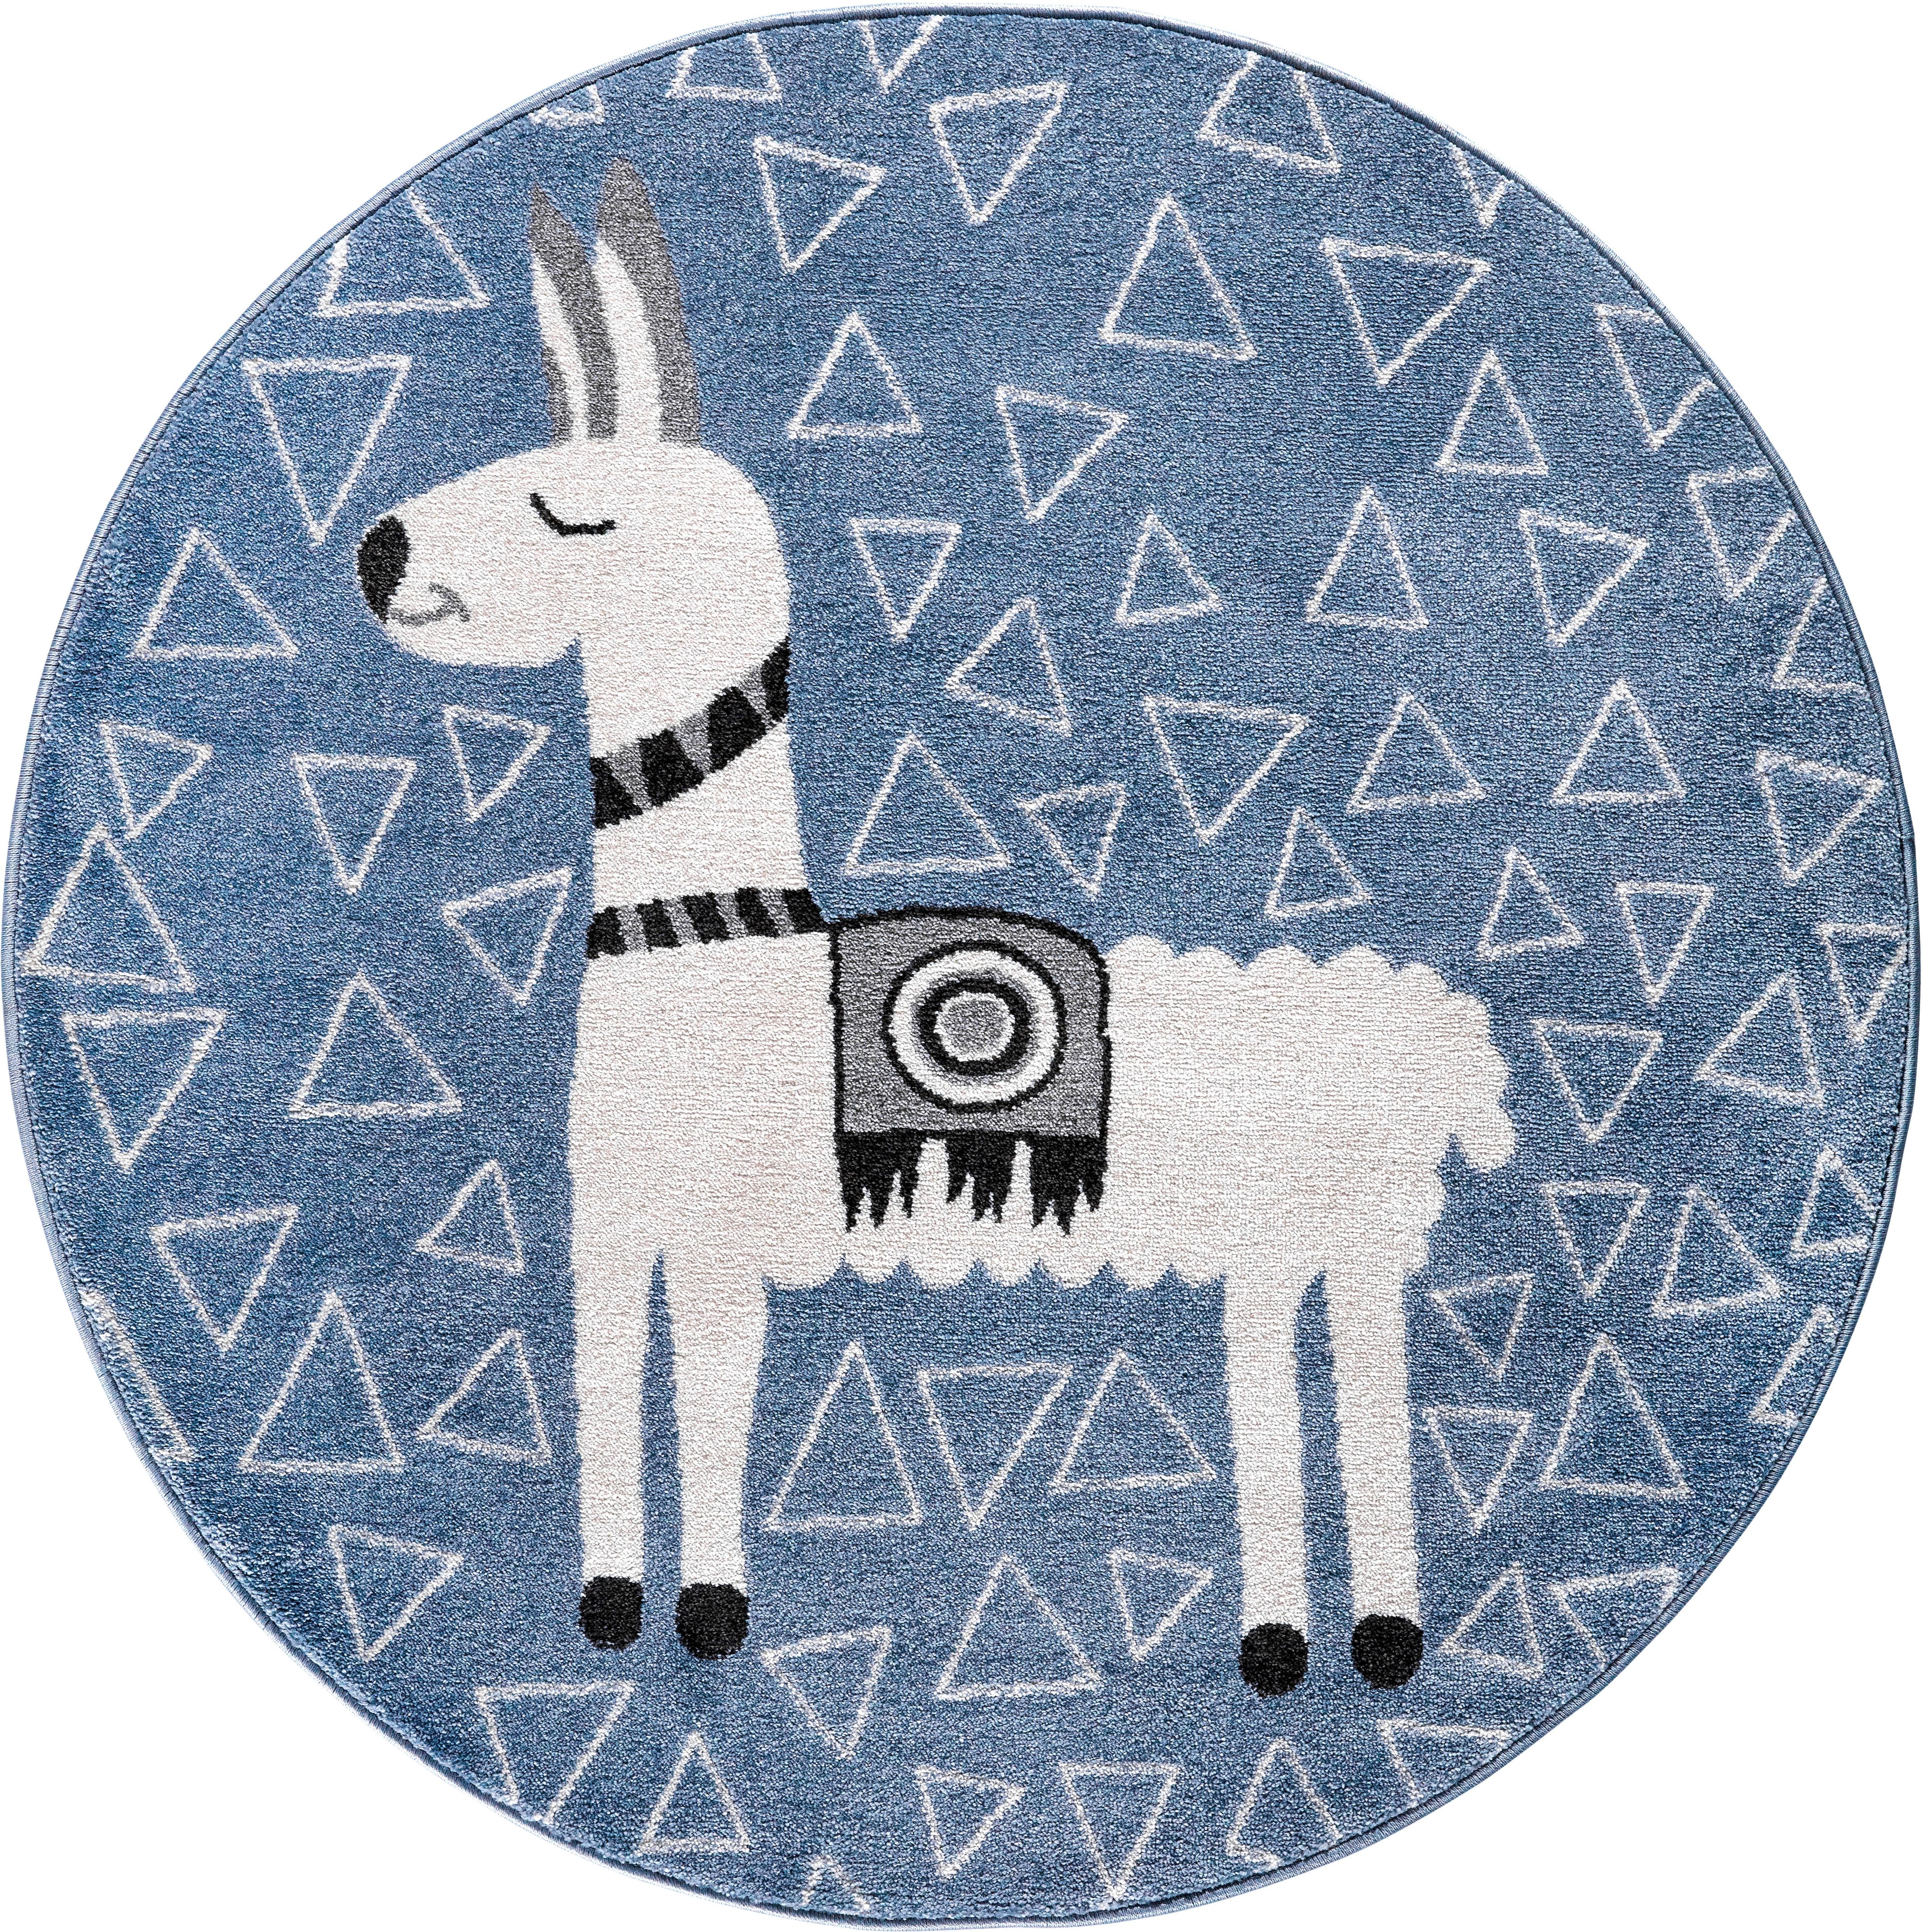 Festival Kinderteppich Candy 153, rund, 11 mm Höhe, Motiv Lama blau Kinder Kinderteppiche mit Teppiche